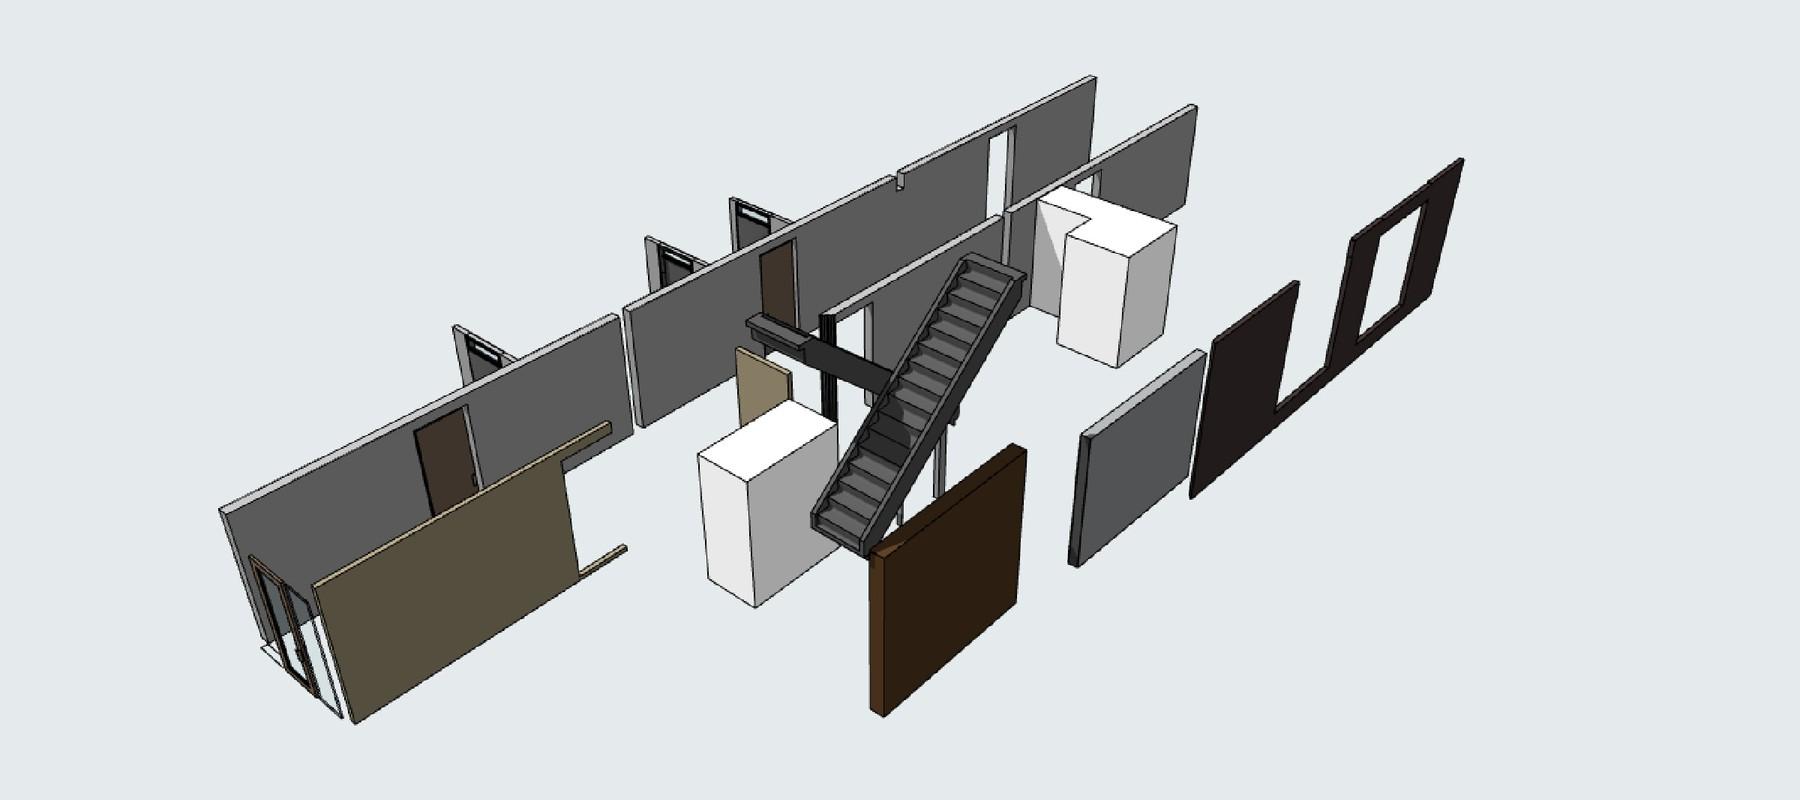 Brandveiligheid in bestaande bouw: voldoen uw brandwerende deuren aan de eisen?